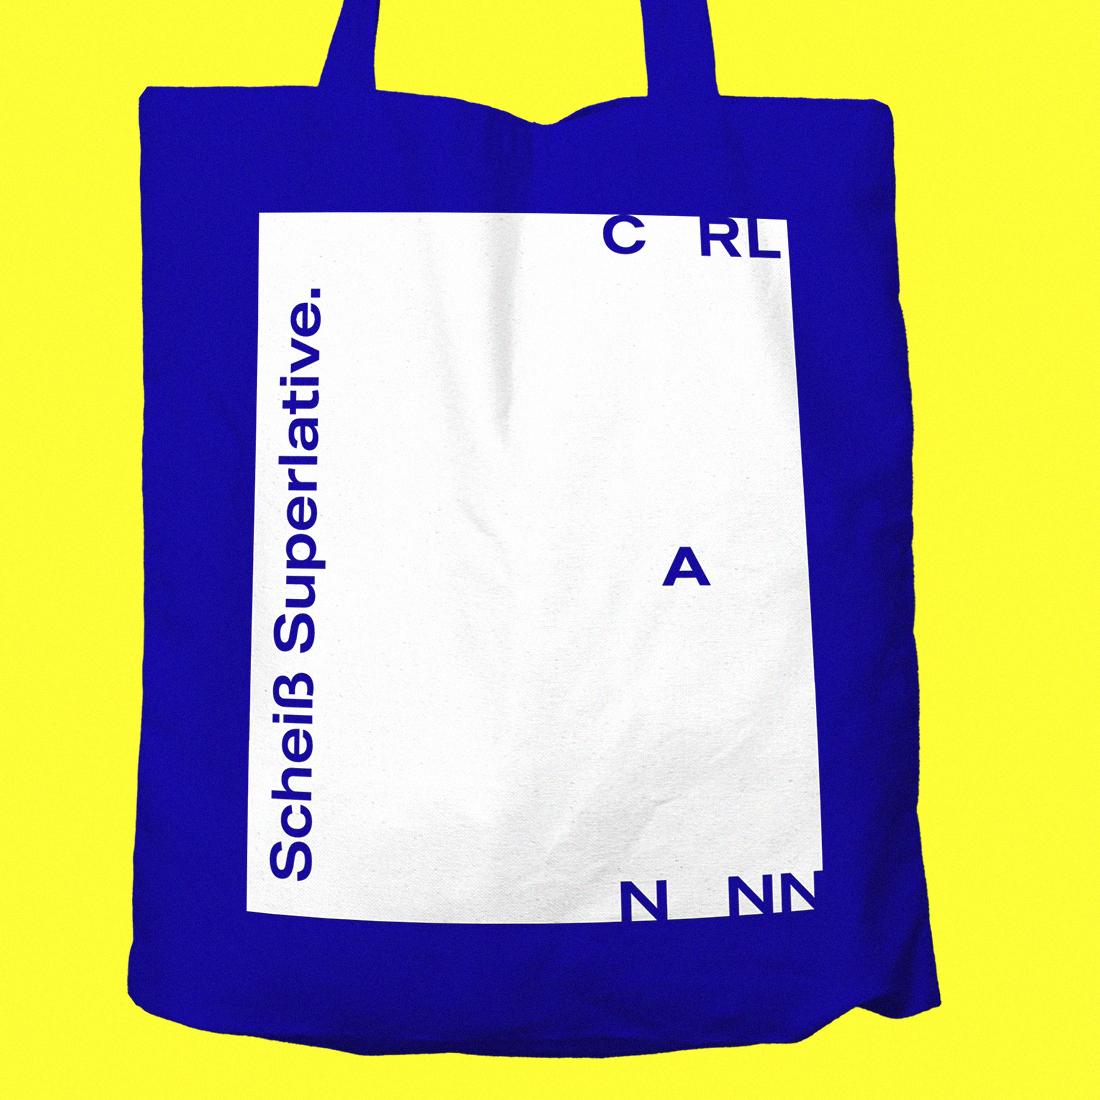 """Blauer Jutebeutel mit CarlNann Logo und """"Scheiß Superlative"""" Aufdruck auf gelbem Hintergrund"""